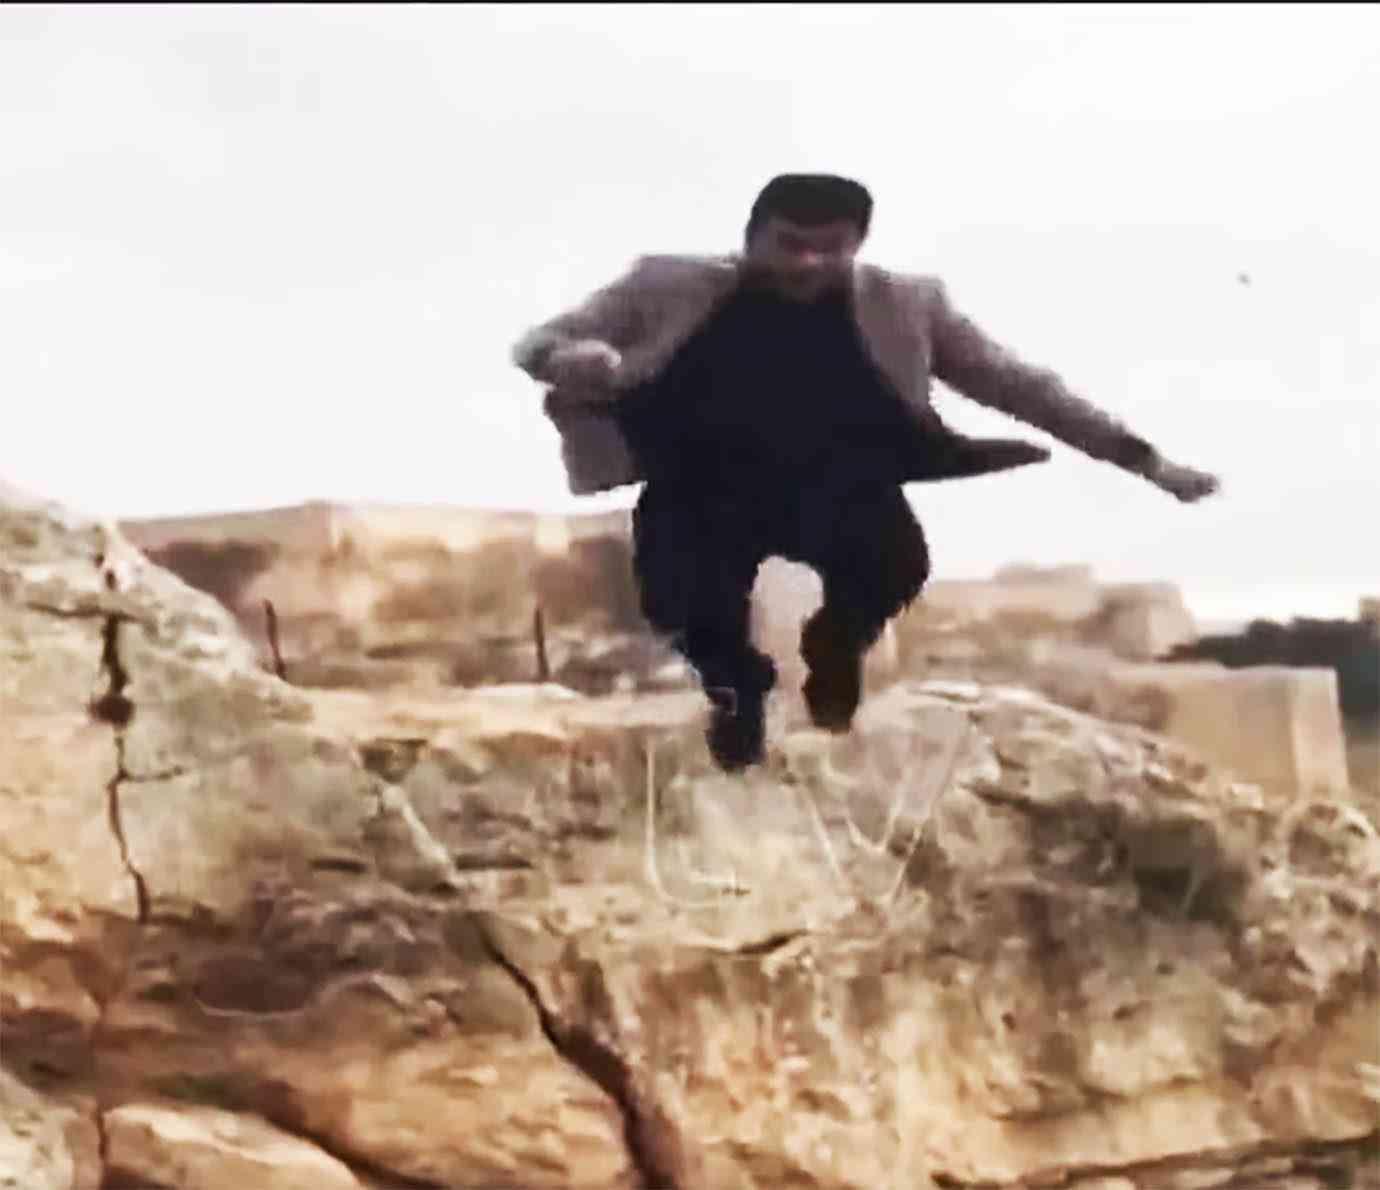 ヒーローの真似して岩からジャンプ → 着地失敗 → 崖から転落 → 死亡